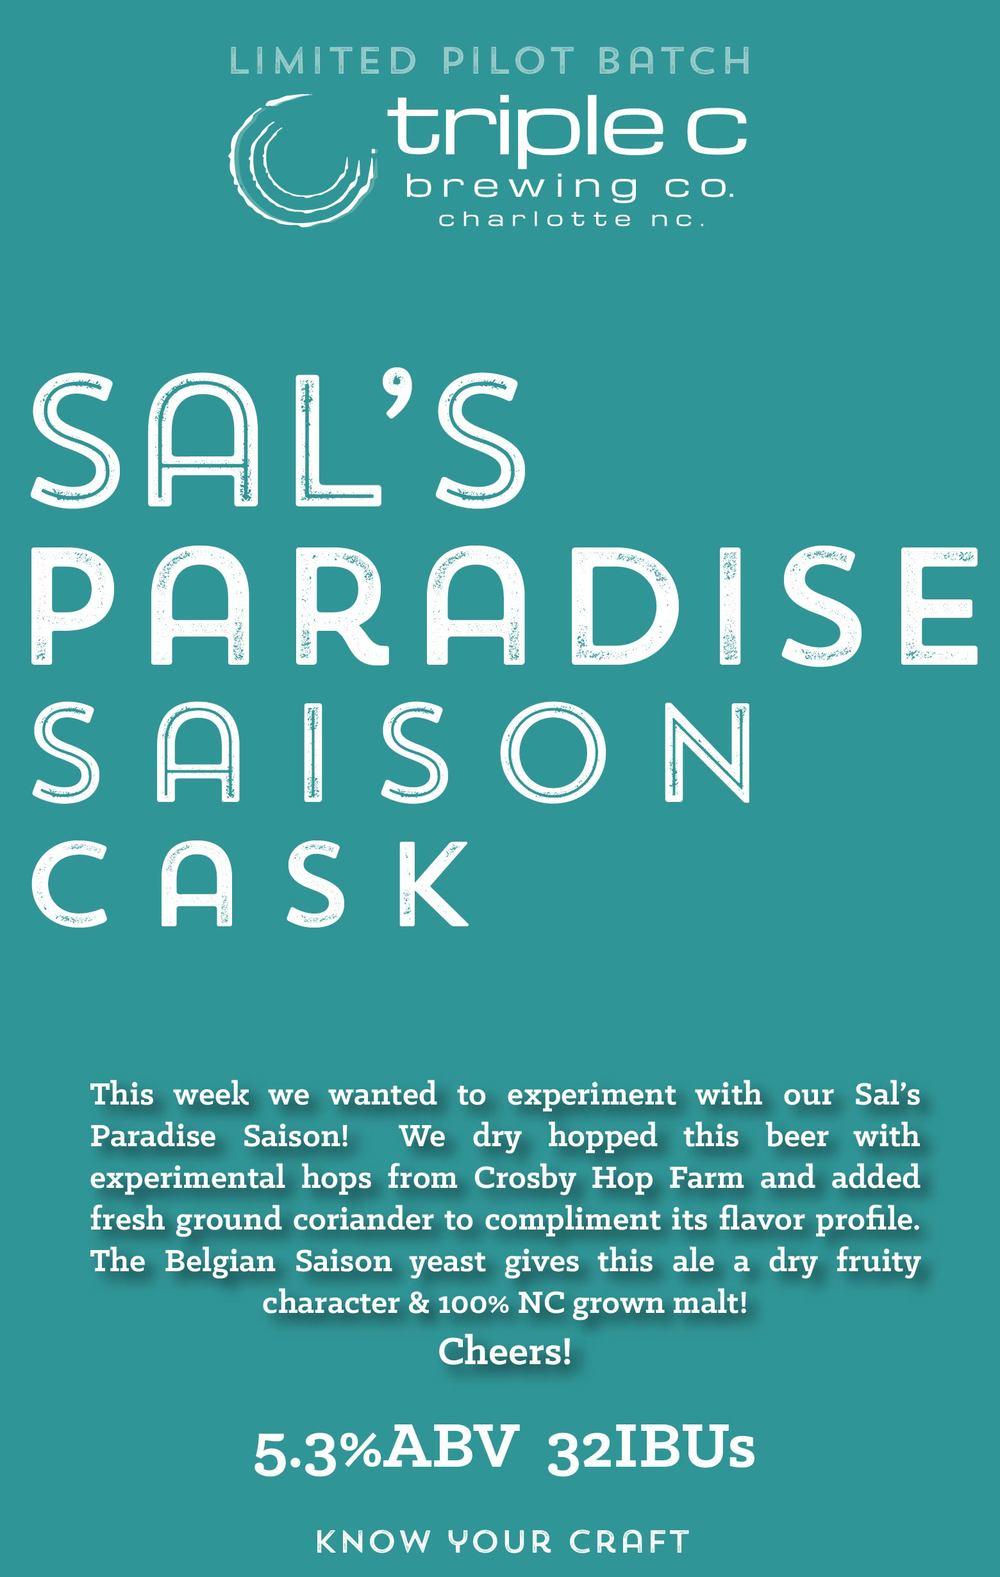 Sals Paradise Saison Cask